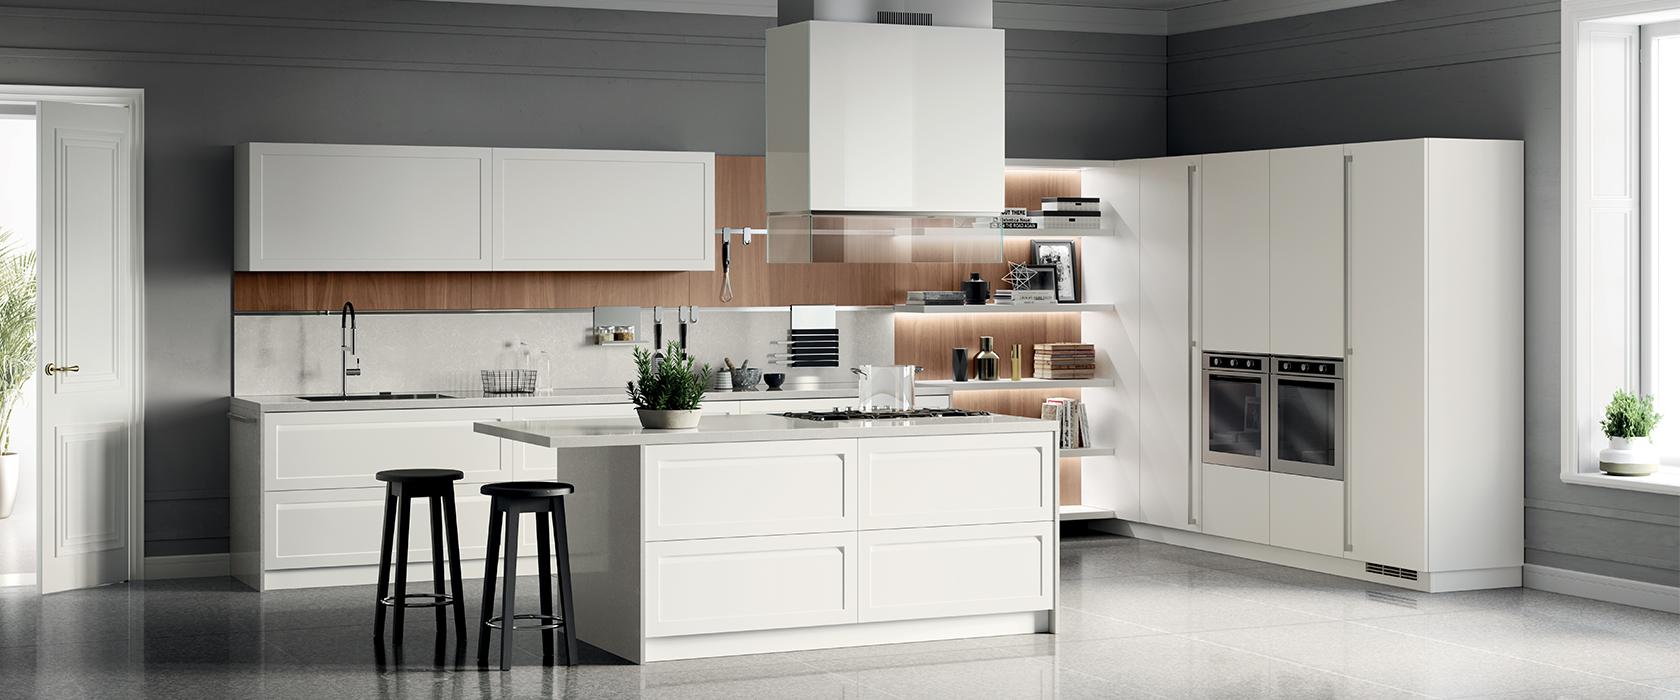 Cucine Moderne Scavolini - Catalogo 2019 | Centro Mobili